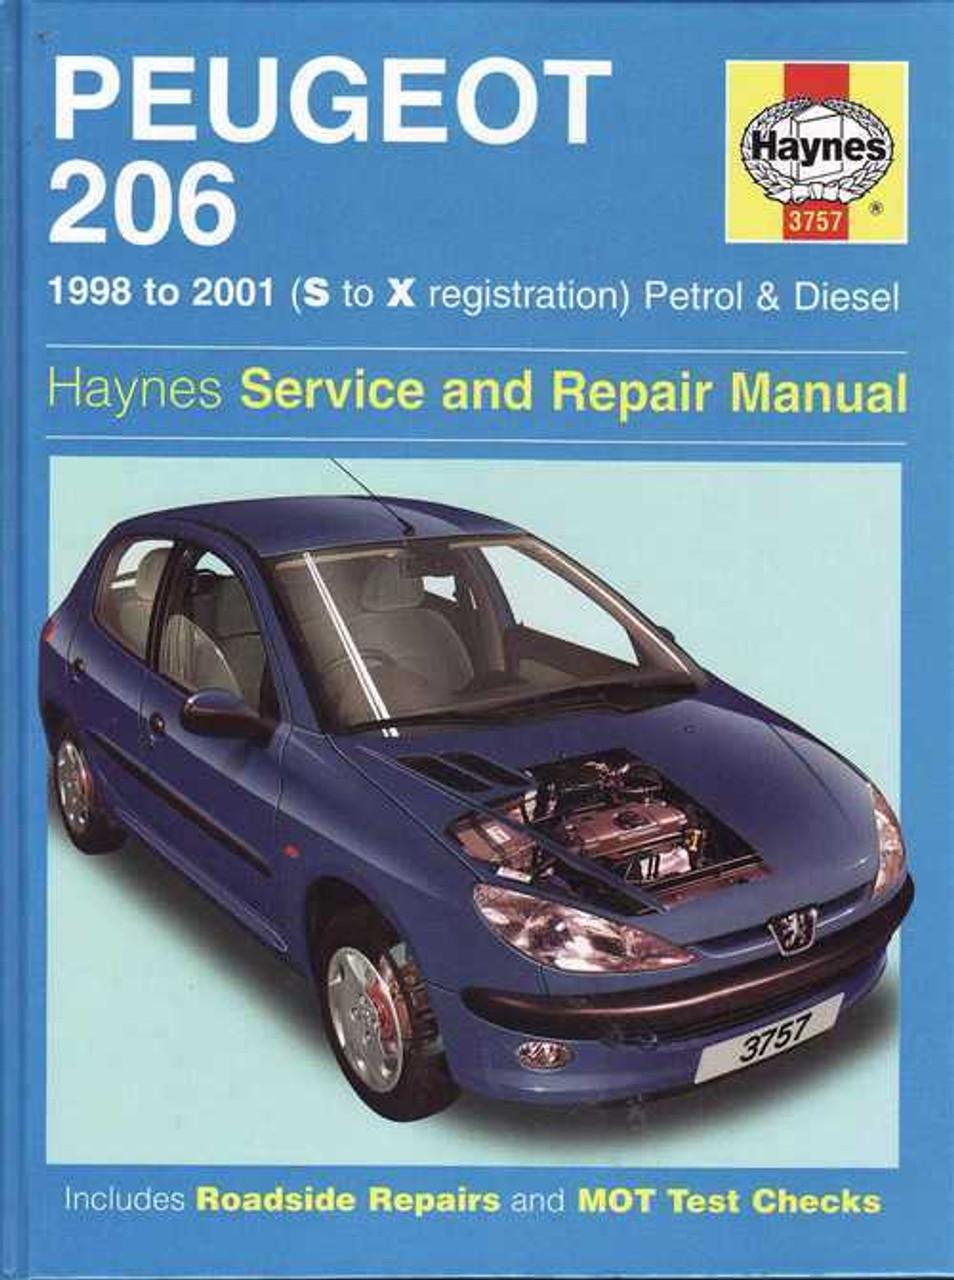 Cars | peugeot service repair workshop manuals.